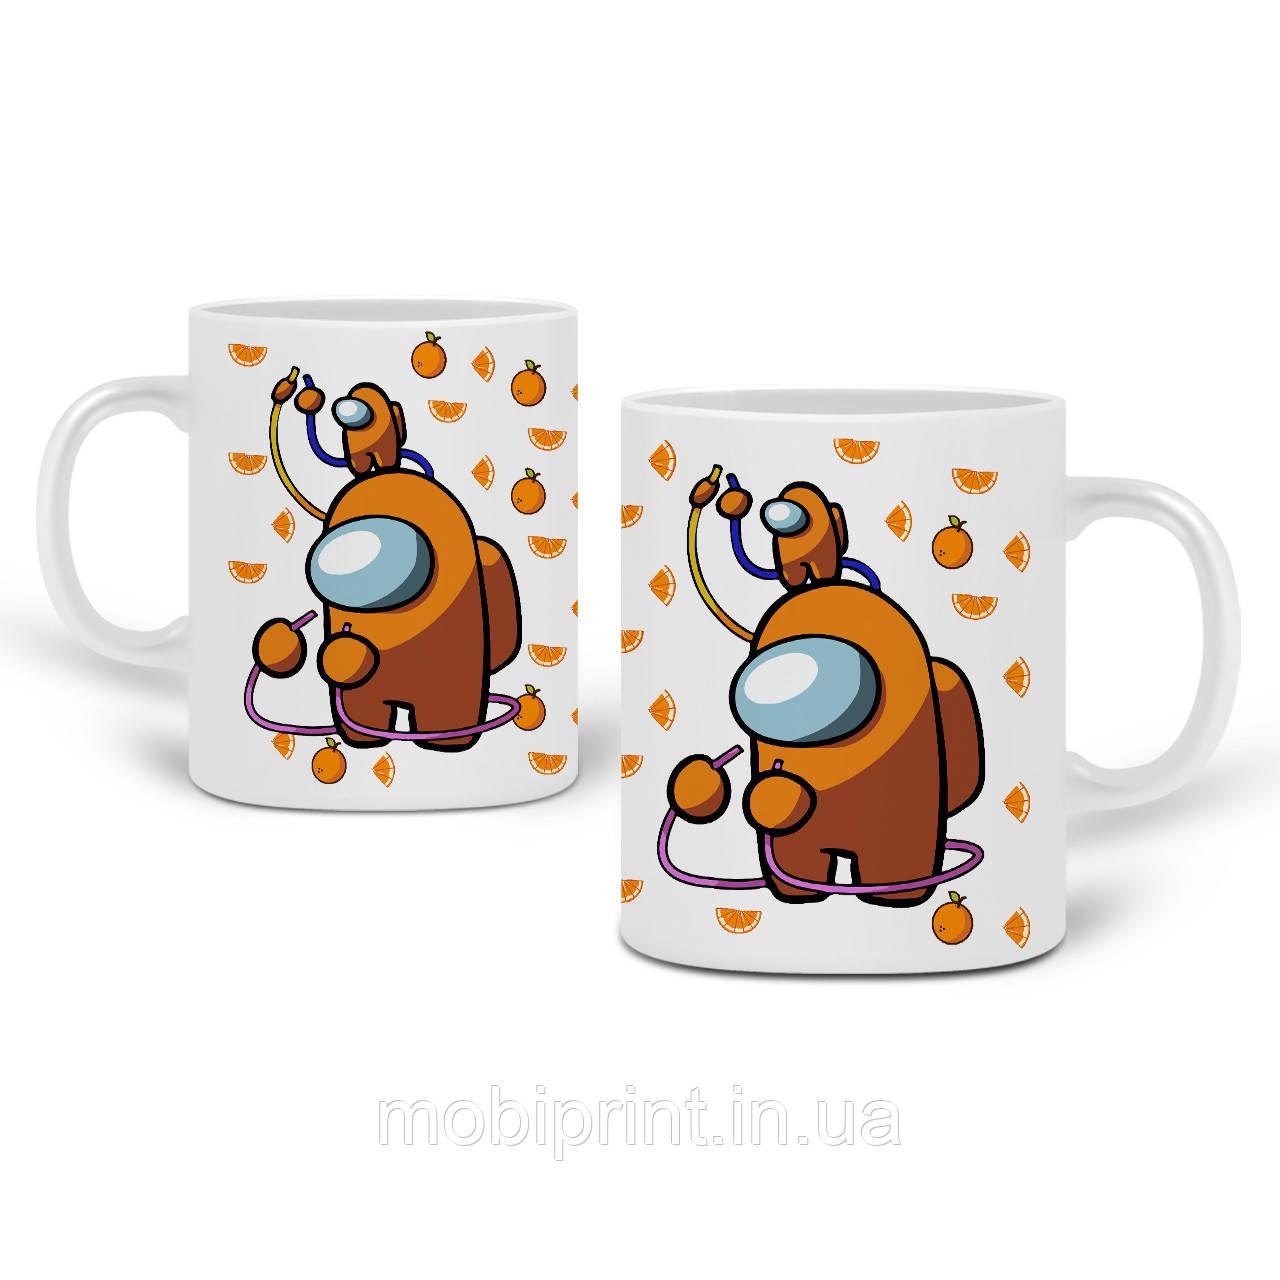 Кружка Амонг Ас Оранжевый (Among Us Orange) 330 мл Чашка Керамическая (20259-2413)